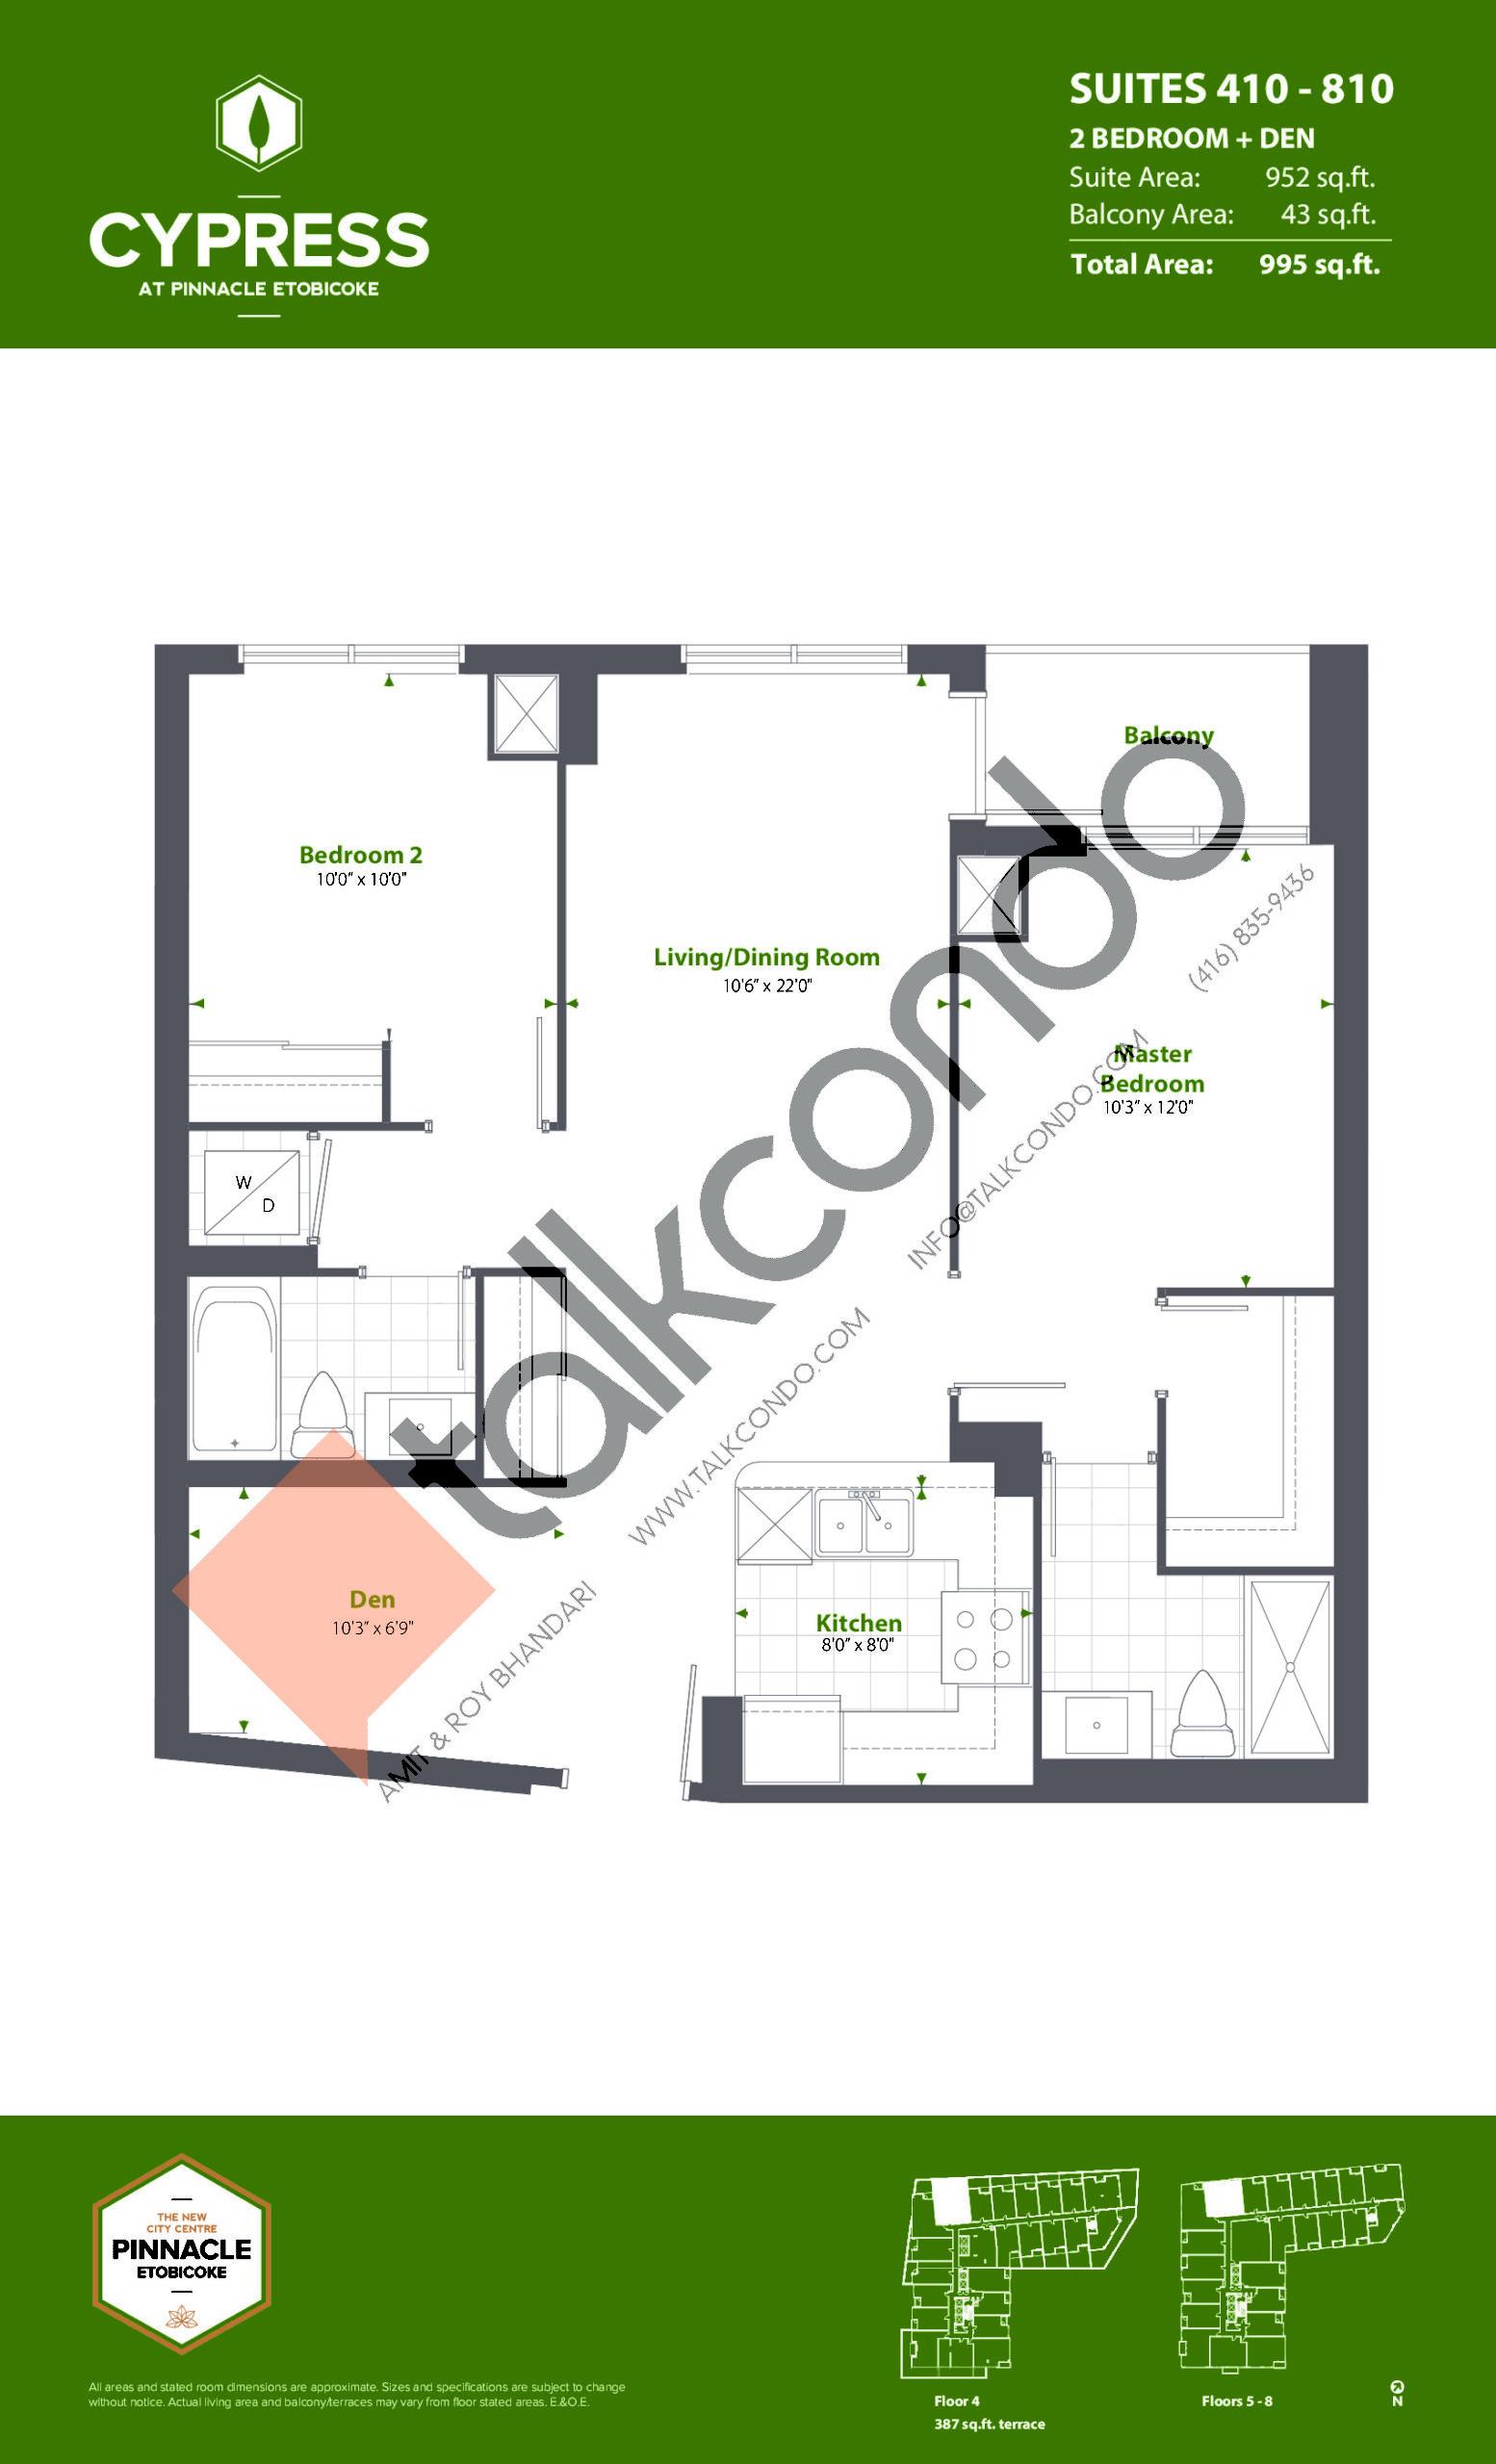 Suites 410 - 810 (Podium) Floor Plan at Cypress at Pinnacle Etobicoke - 952 sq.ft